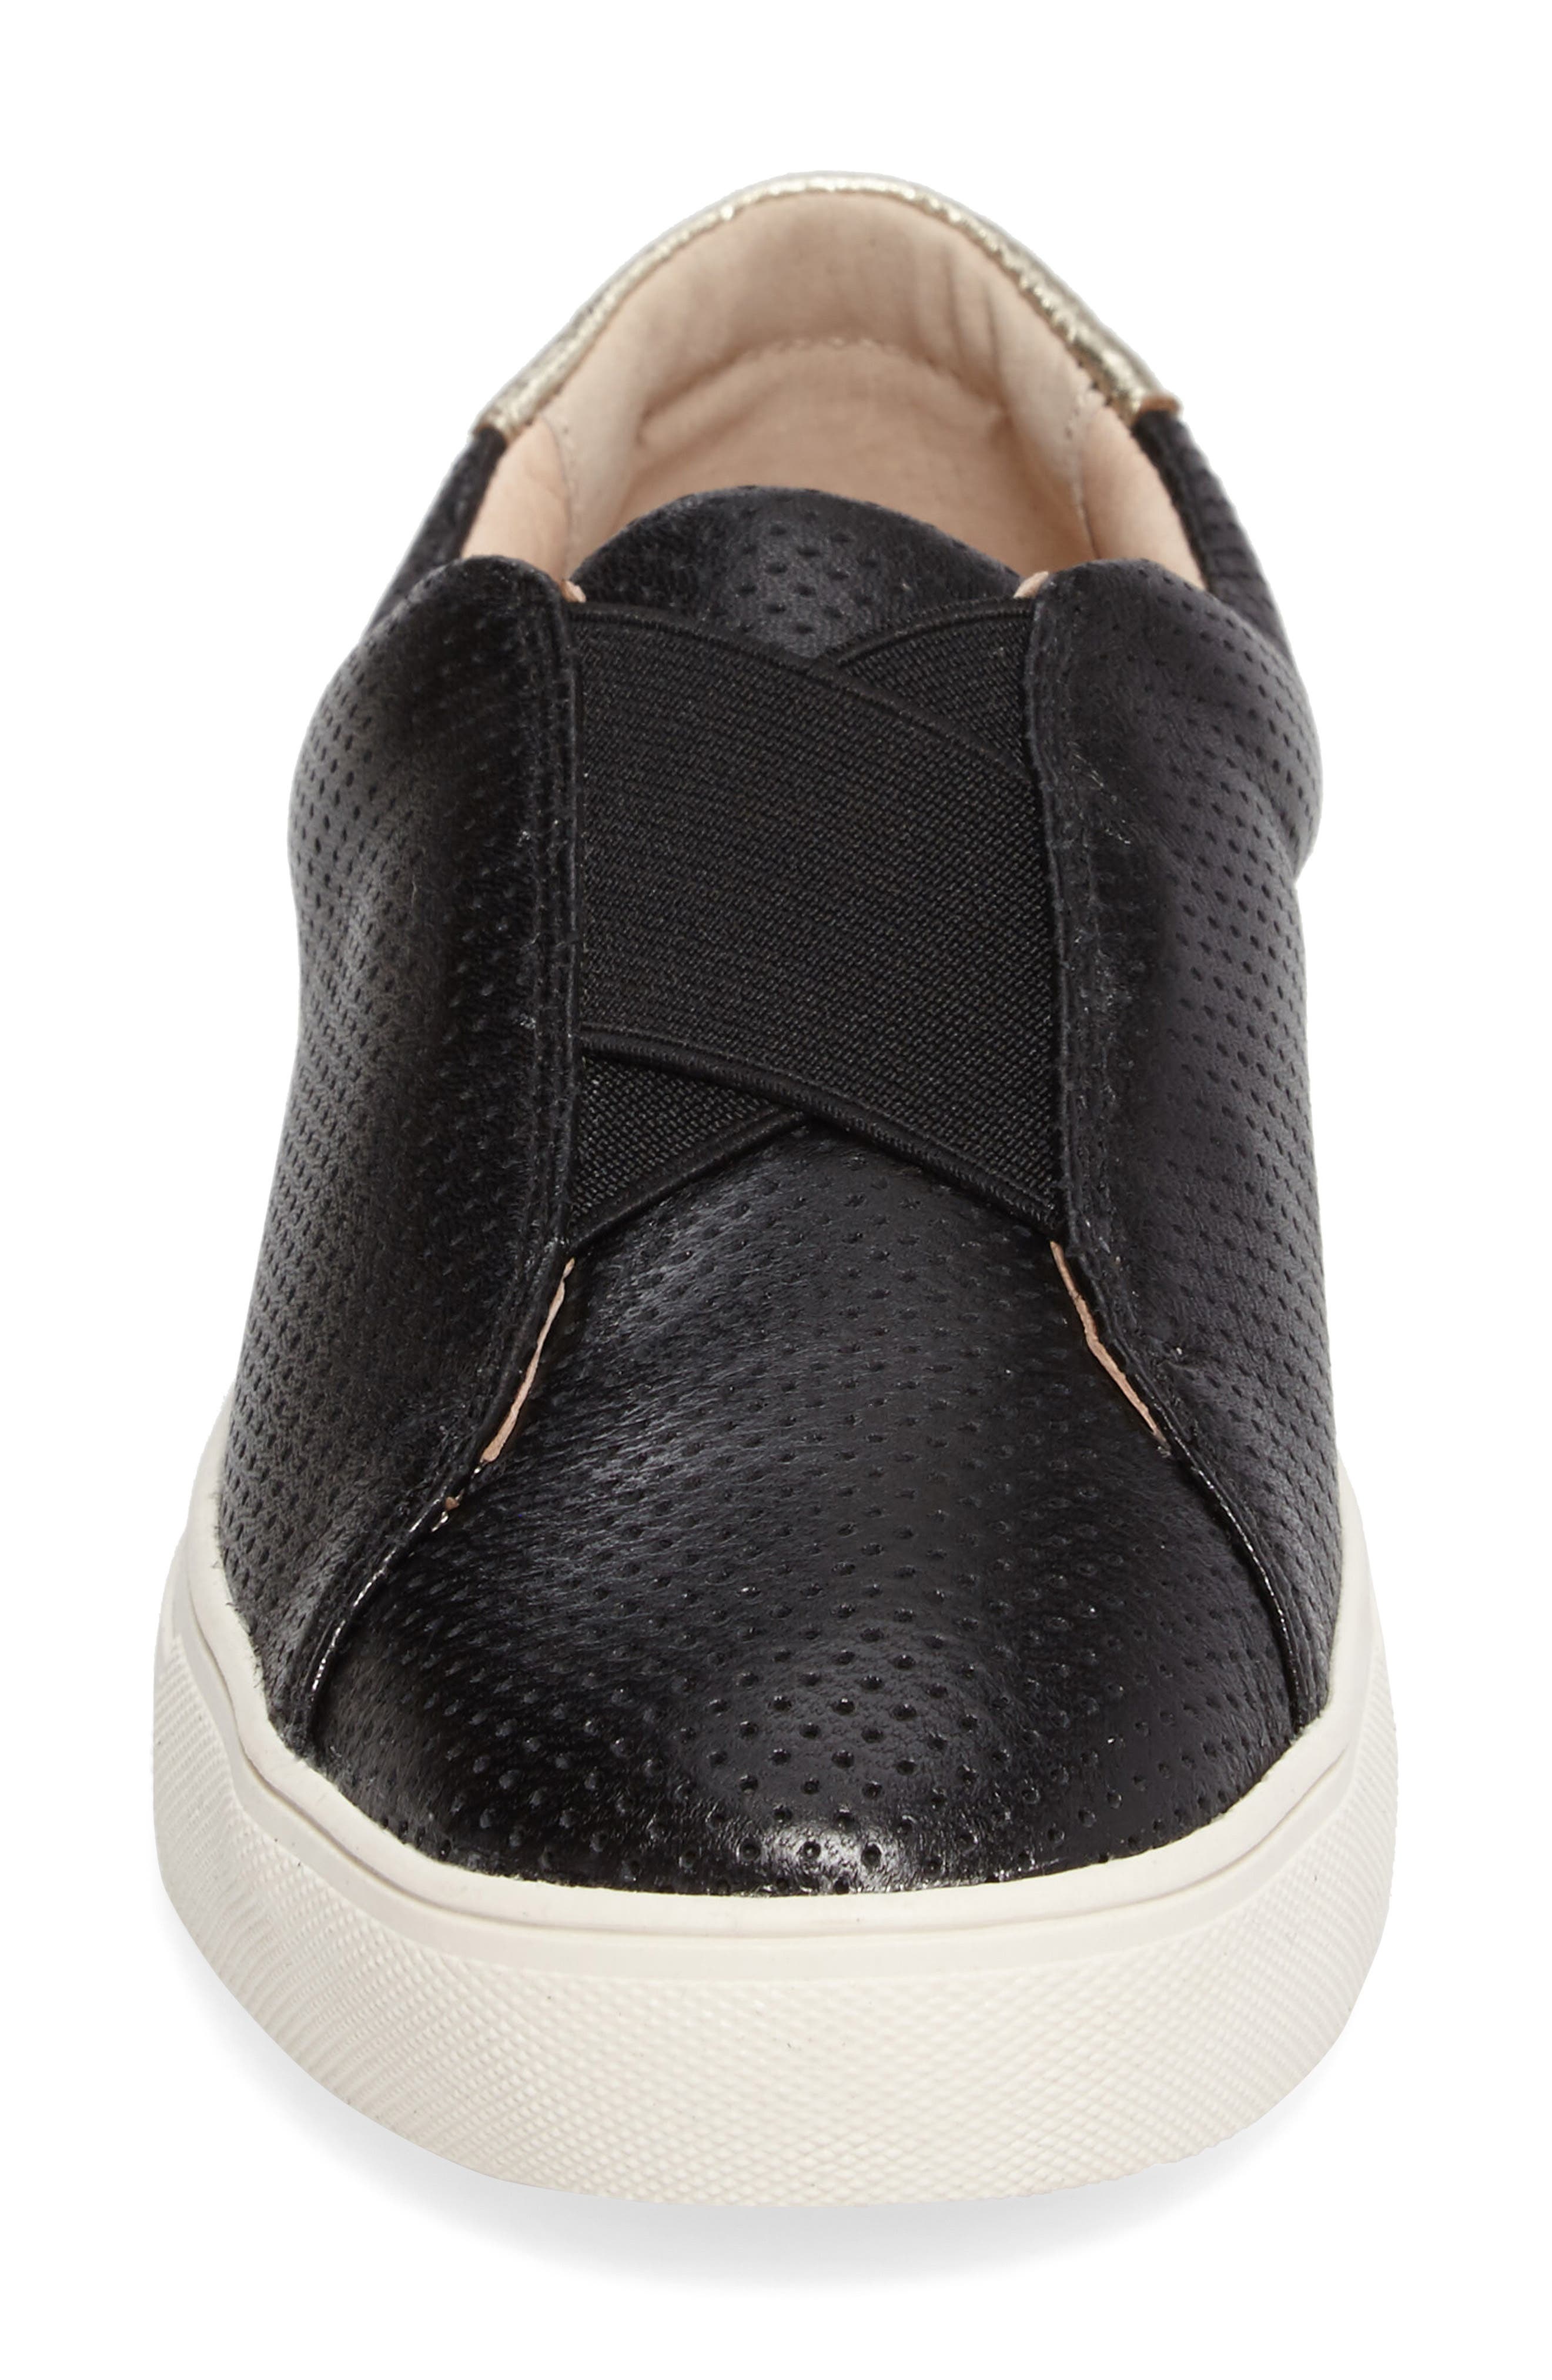 Sudina Giana Slip-On Sneaker,                             Alternate thumbnail 4, color,                             001